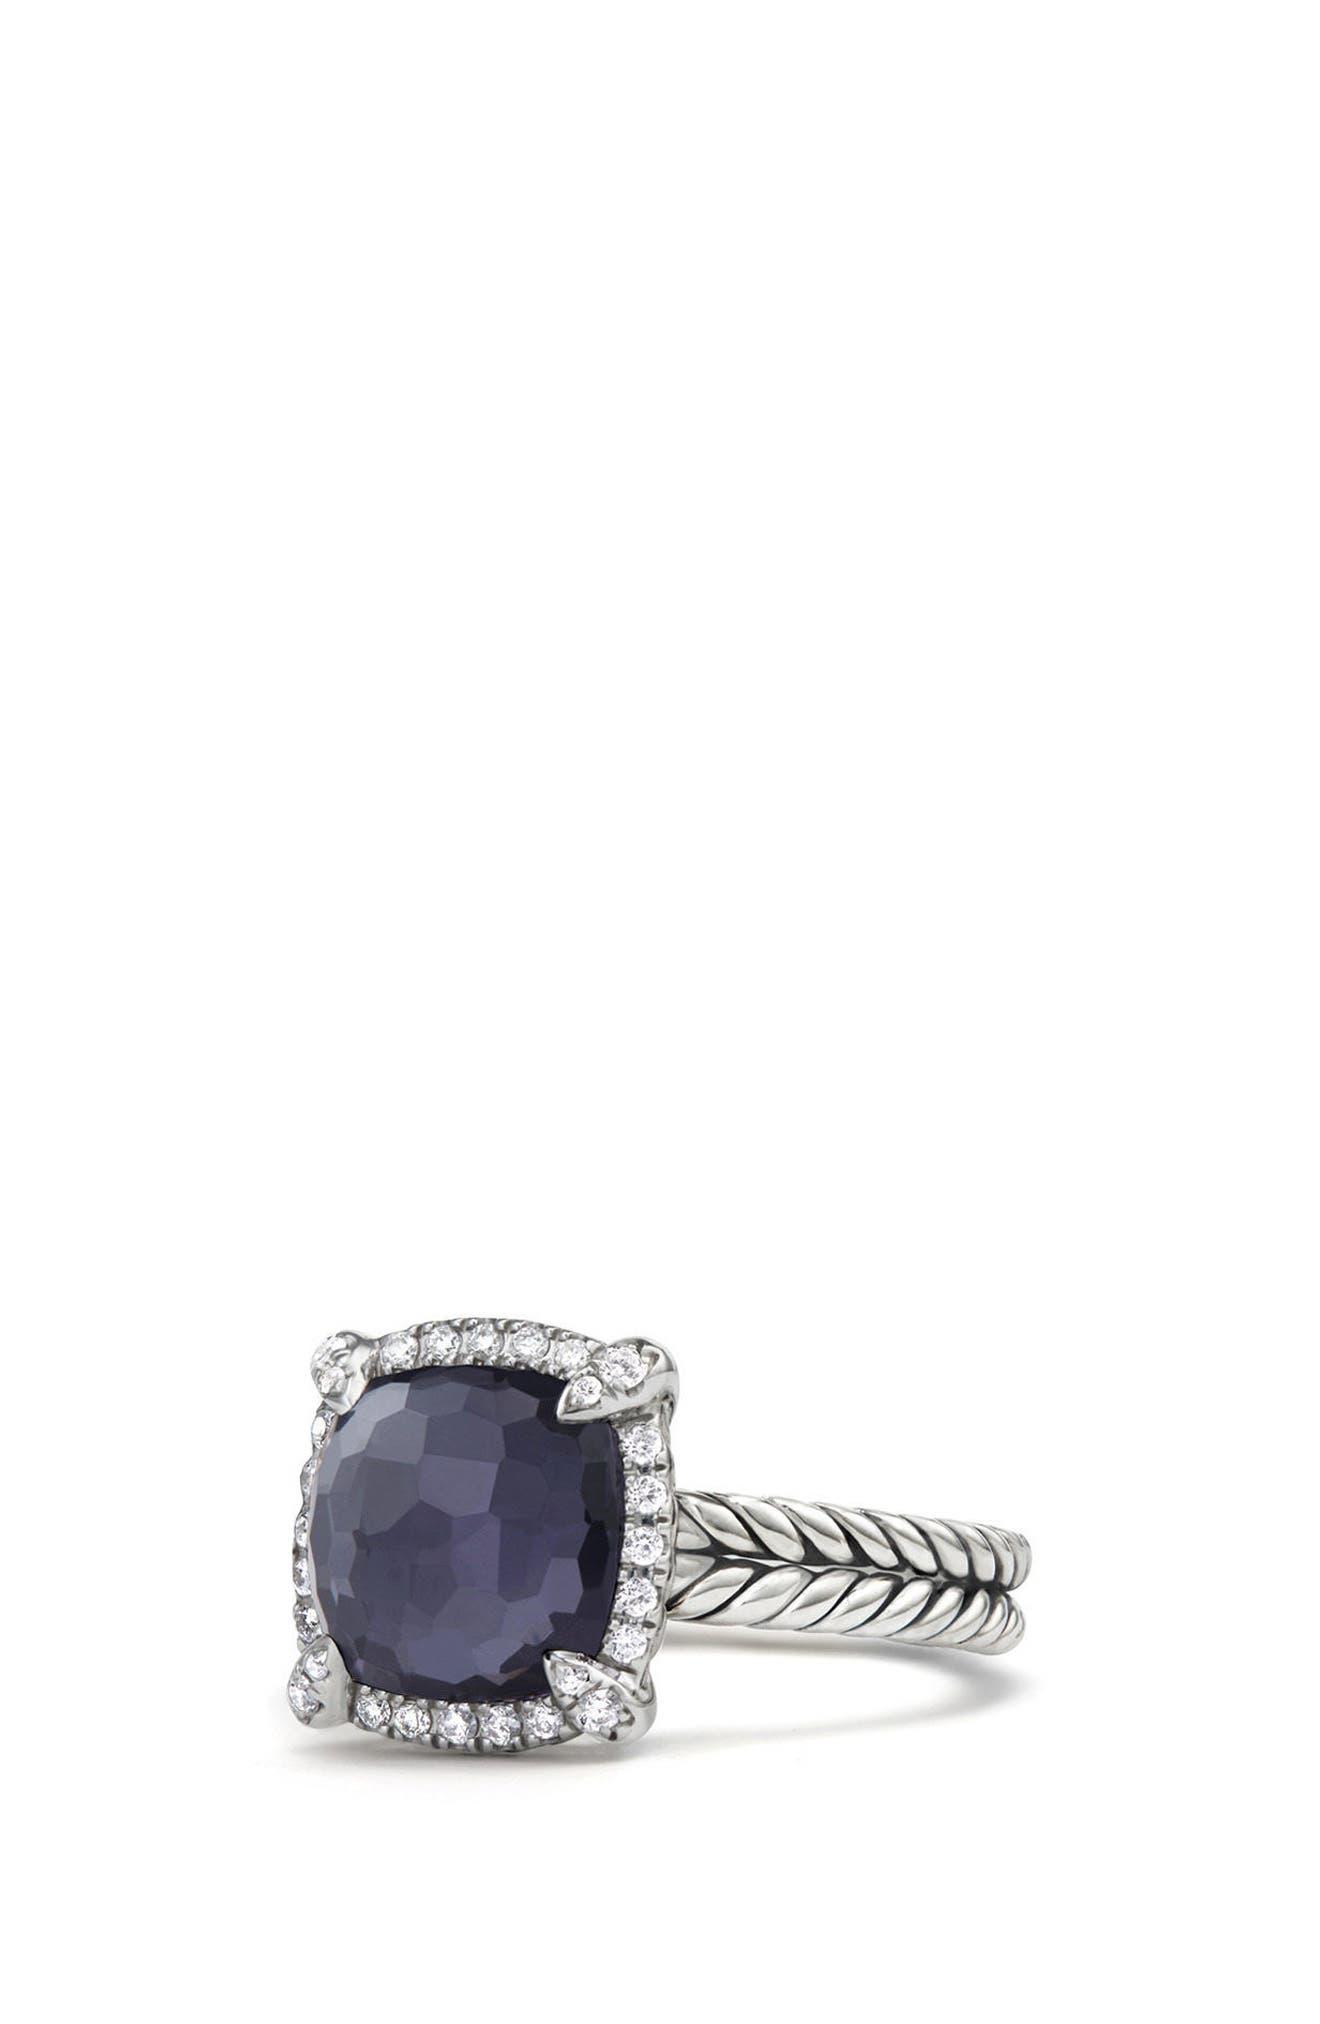 Châtelaine Pavé Bezel Ring with Black Orchid & Diamonds, 9mm,                             Main thumbnail 1, color,                             509